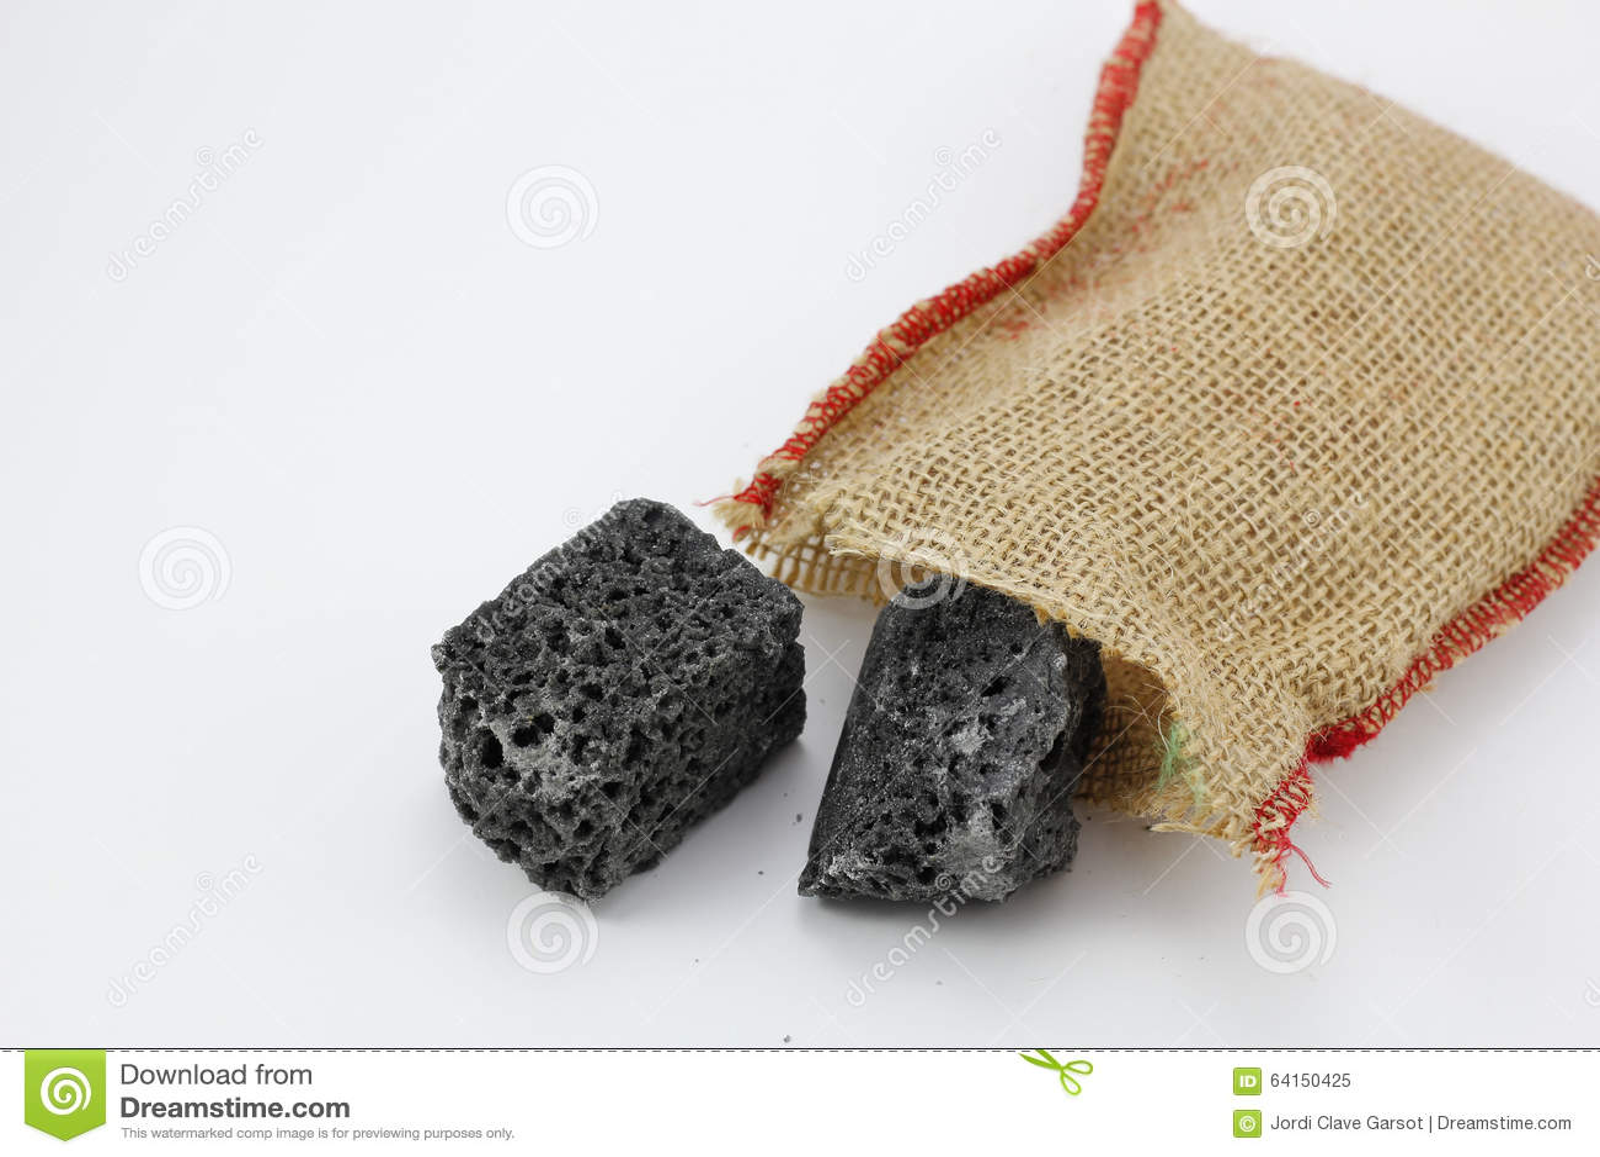 Christmas coal stock image. Image of santa, january, tradition ...